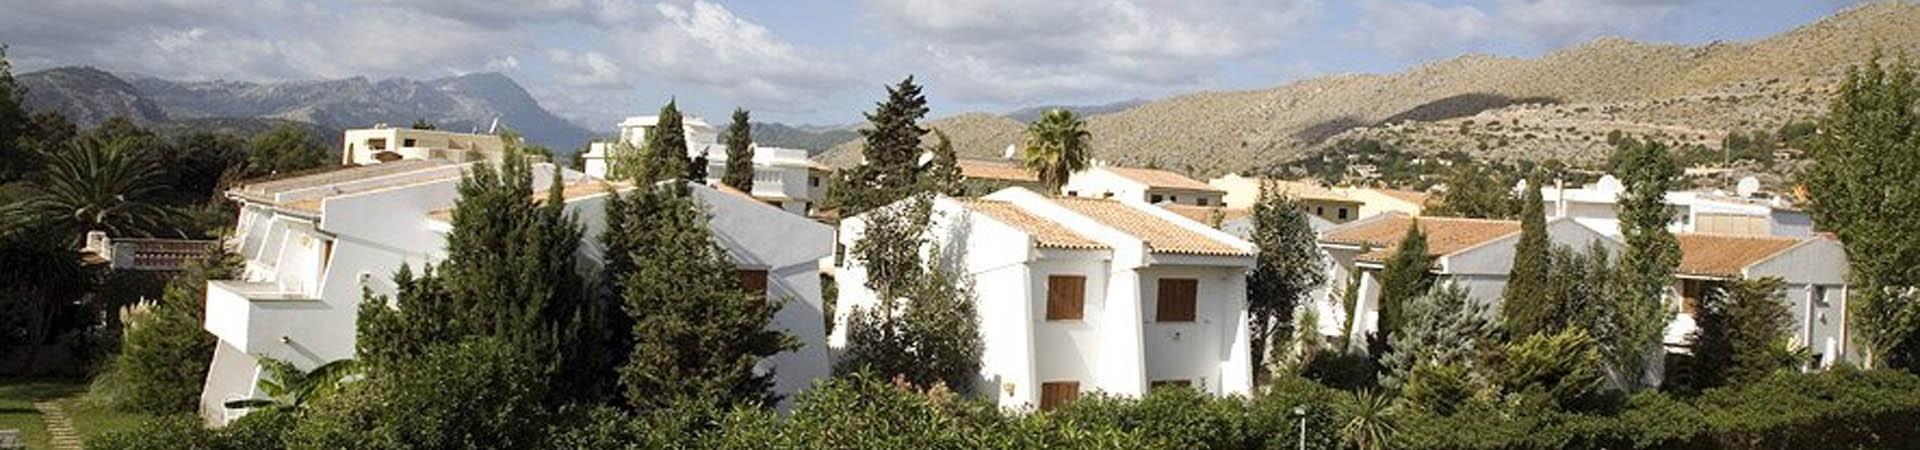 Apartamentos LEO Servicios turísticos Puerto de Pollensa Balears, Illes